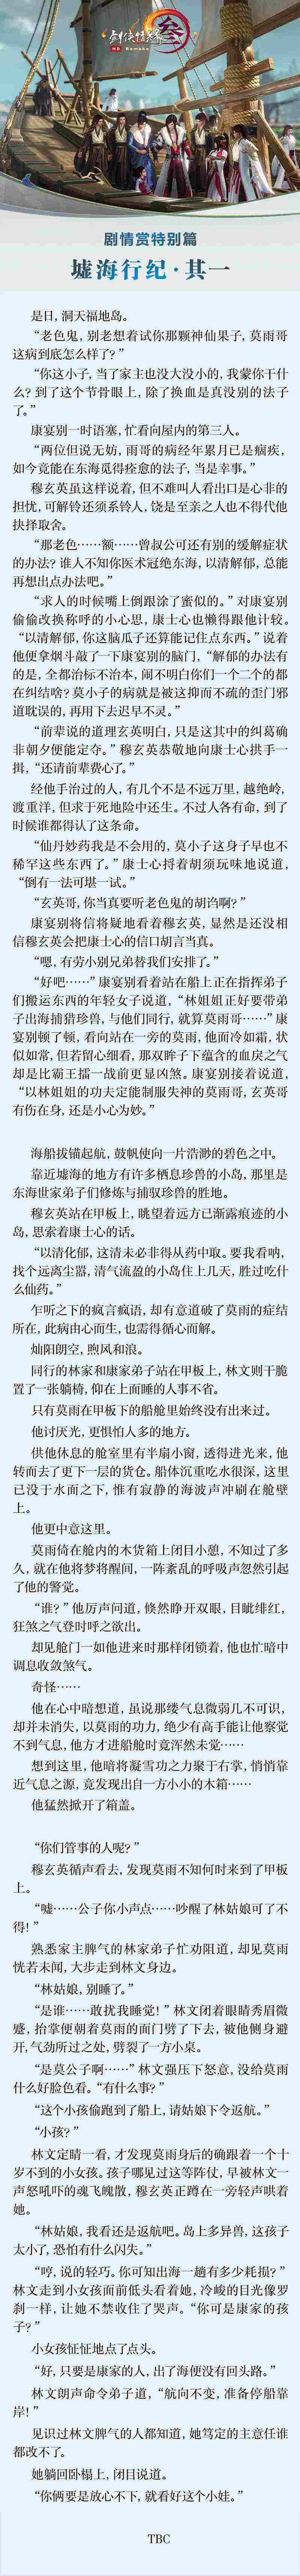 《剑网3》东海番外剧情首曝 第二轮体服激活码10.24开放申请